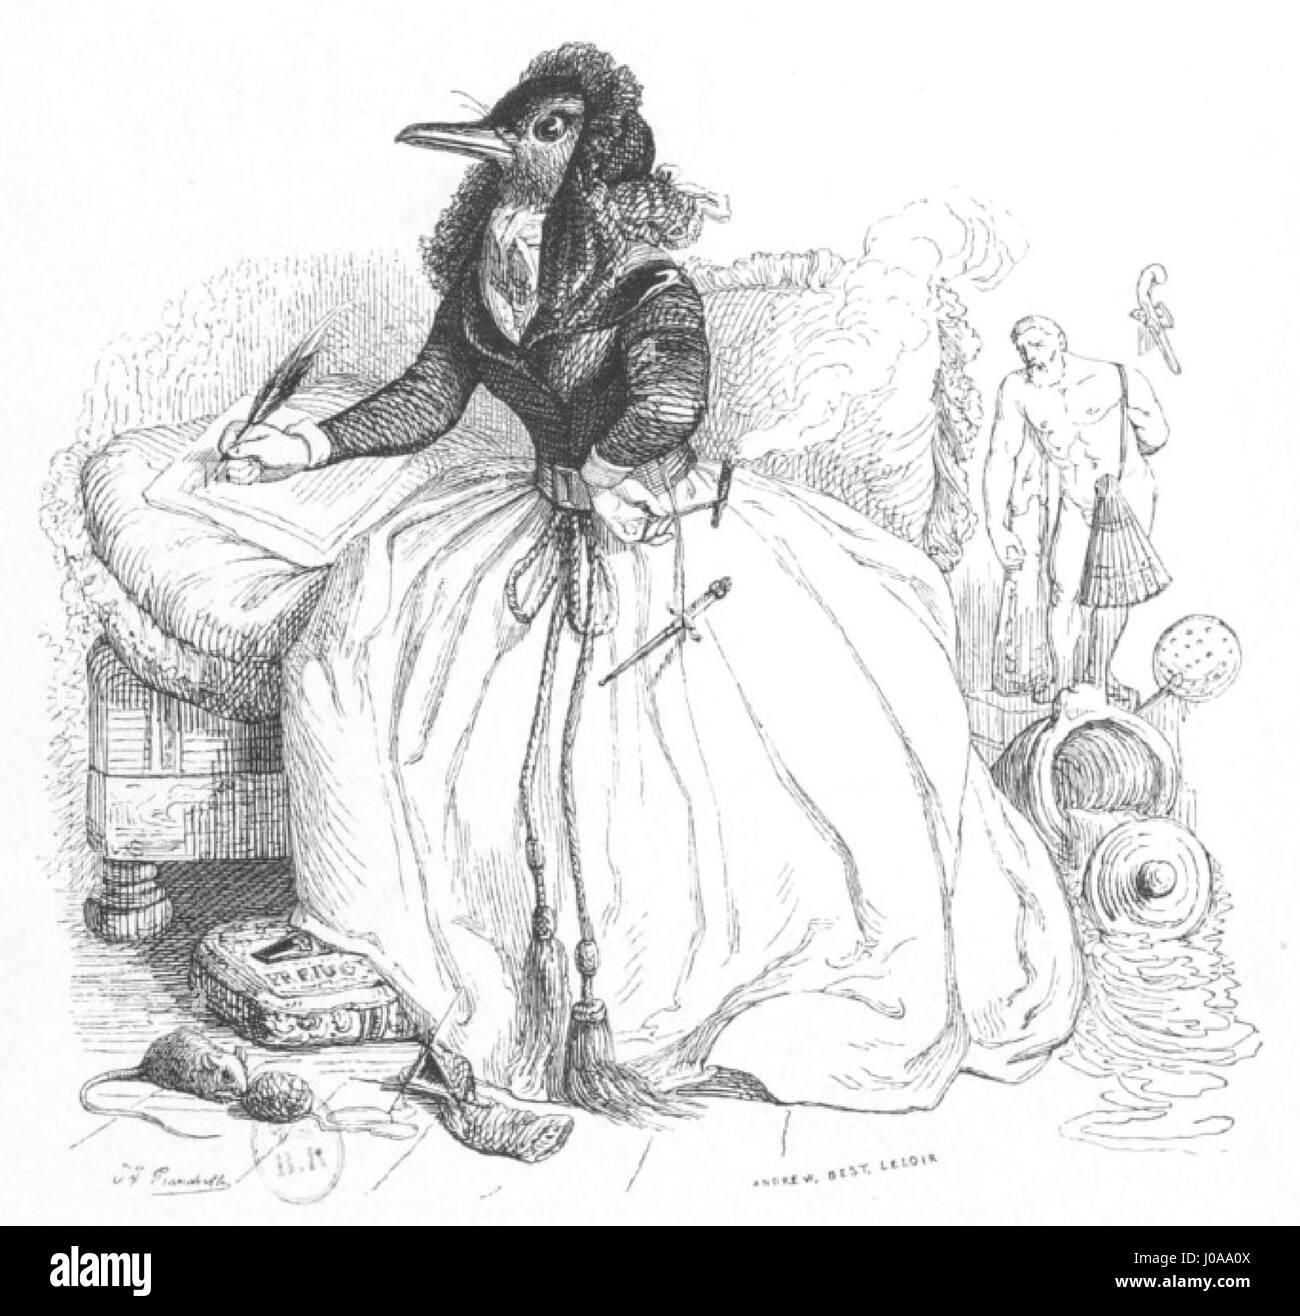 Scènes de la vie privée et publique des animaux, tome 1 0078 - Stock Image